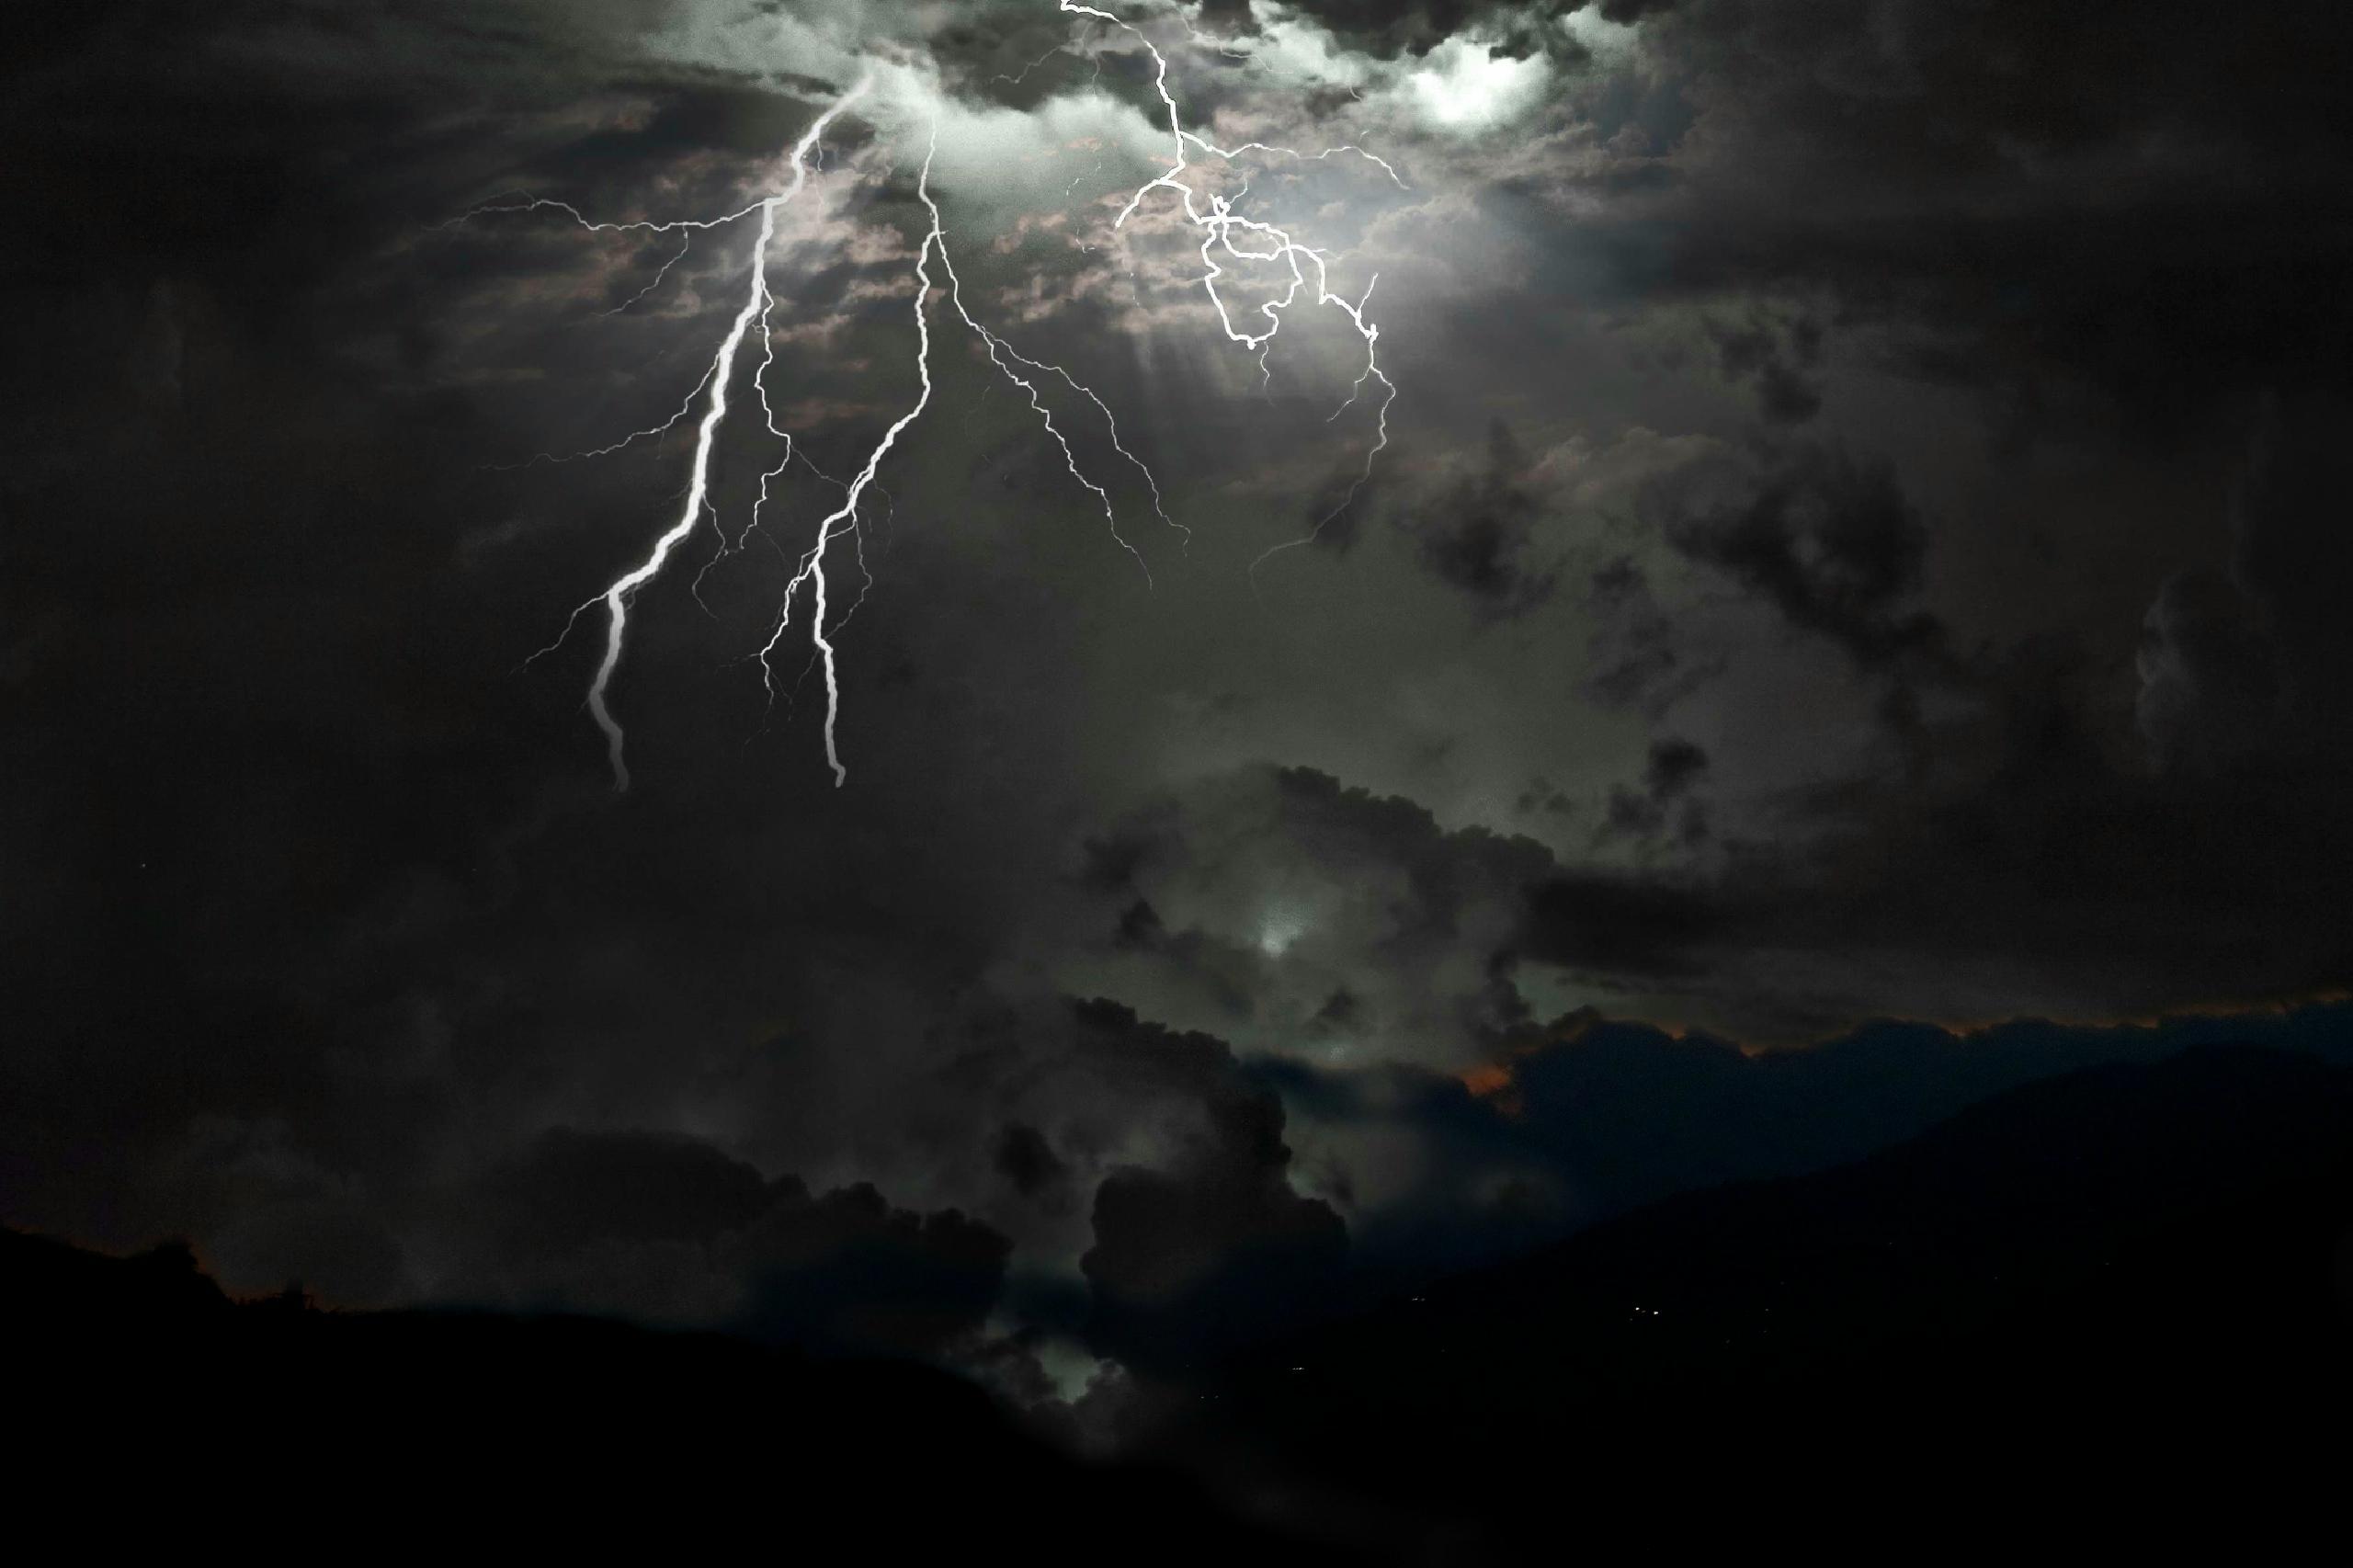 lightening in the sky